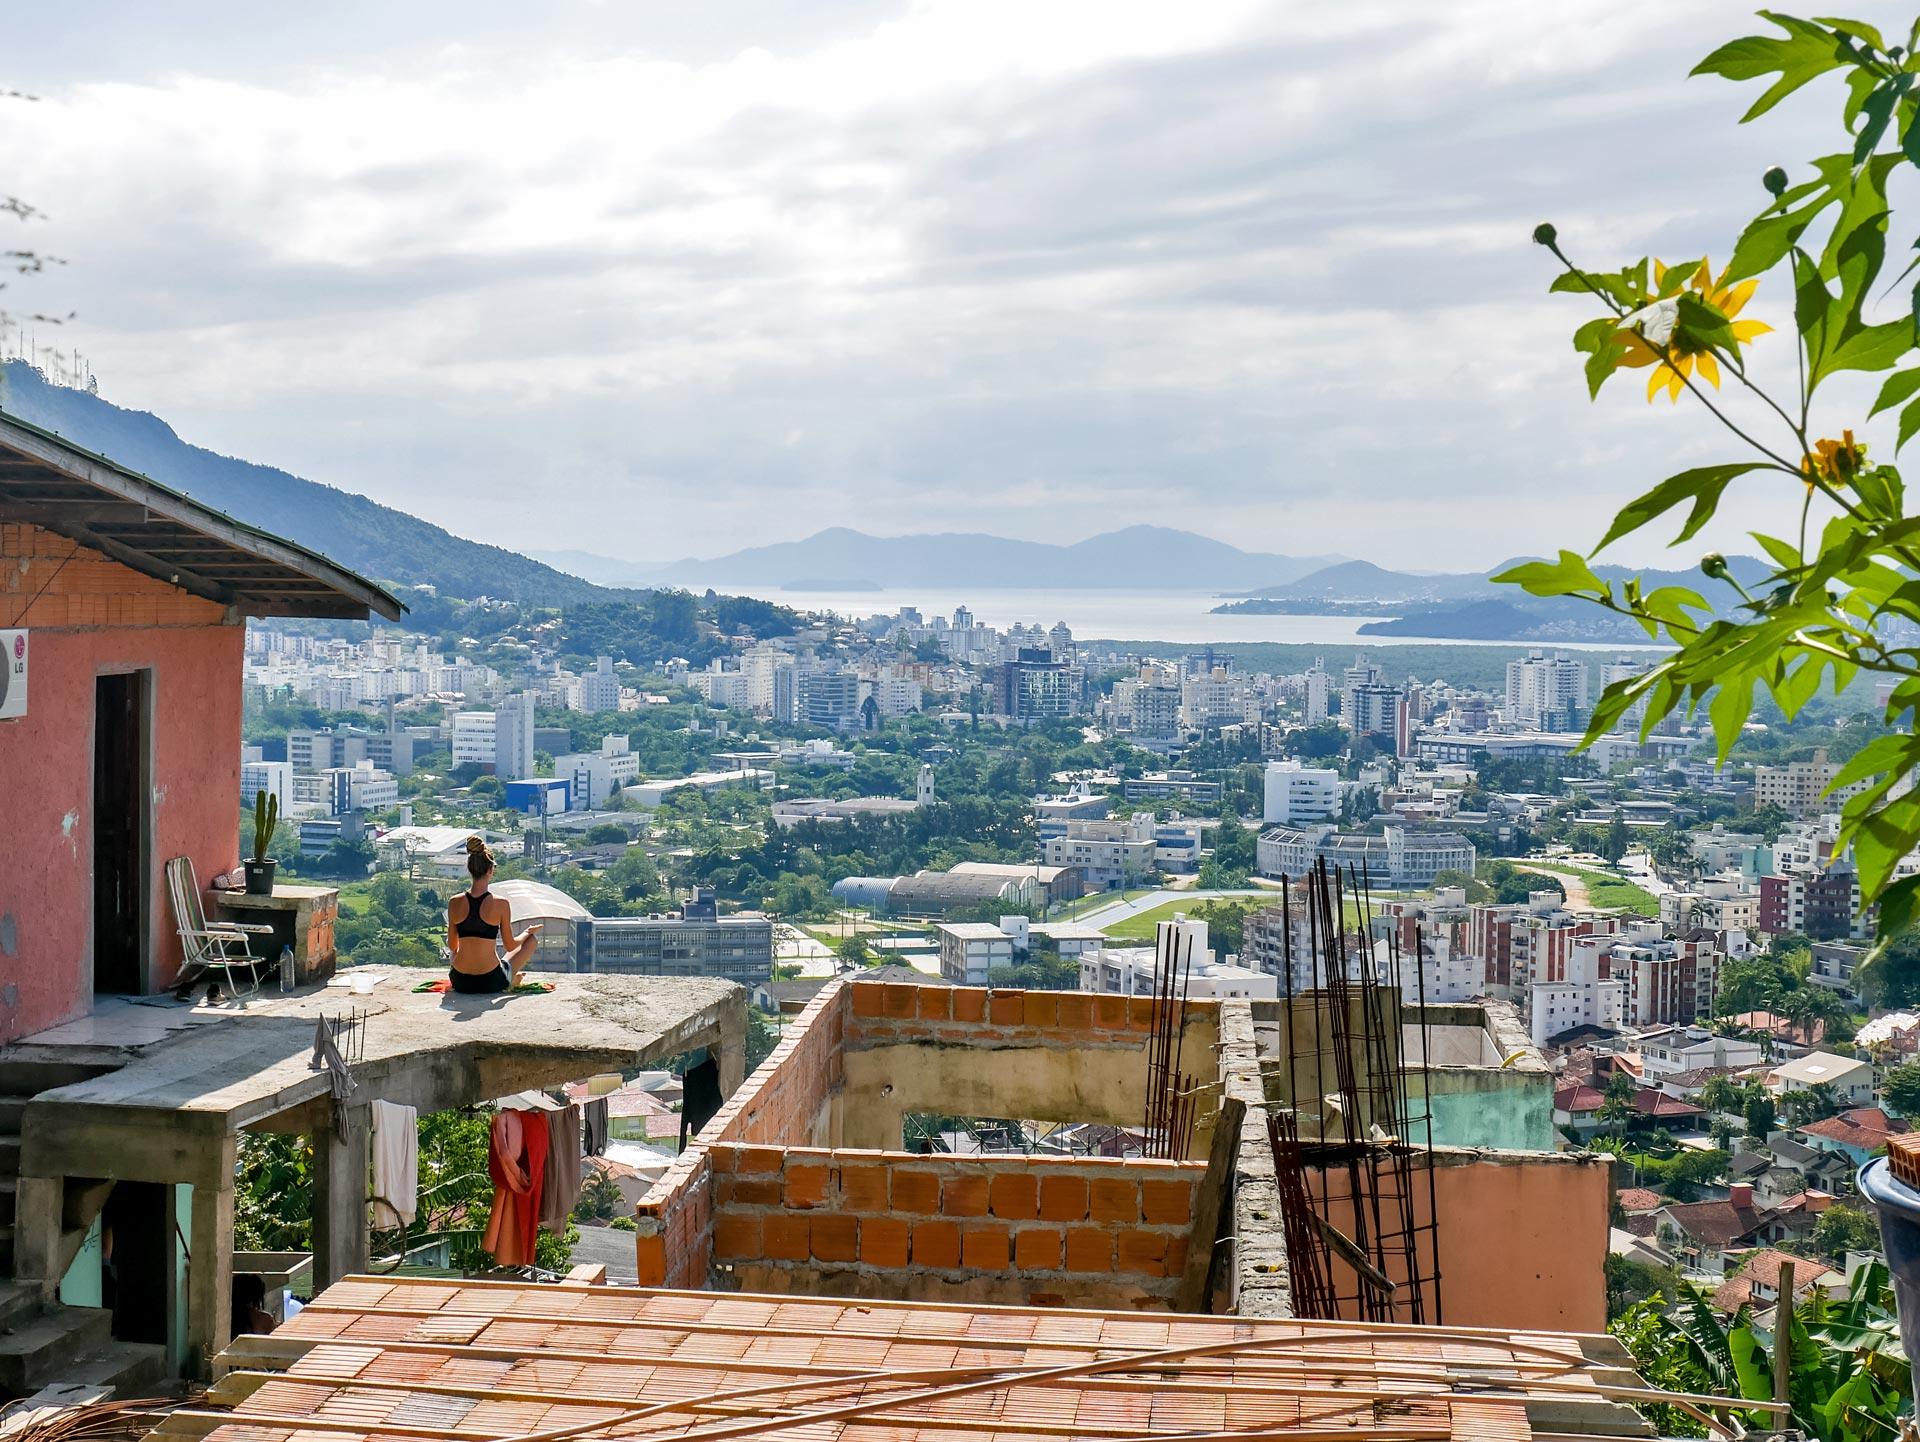 Rasta girl meditating with panoramic view of Florianópolis, Brazil